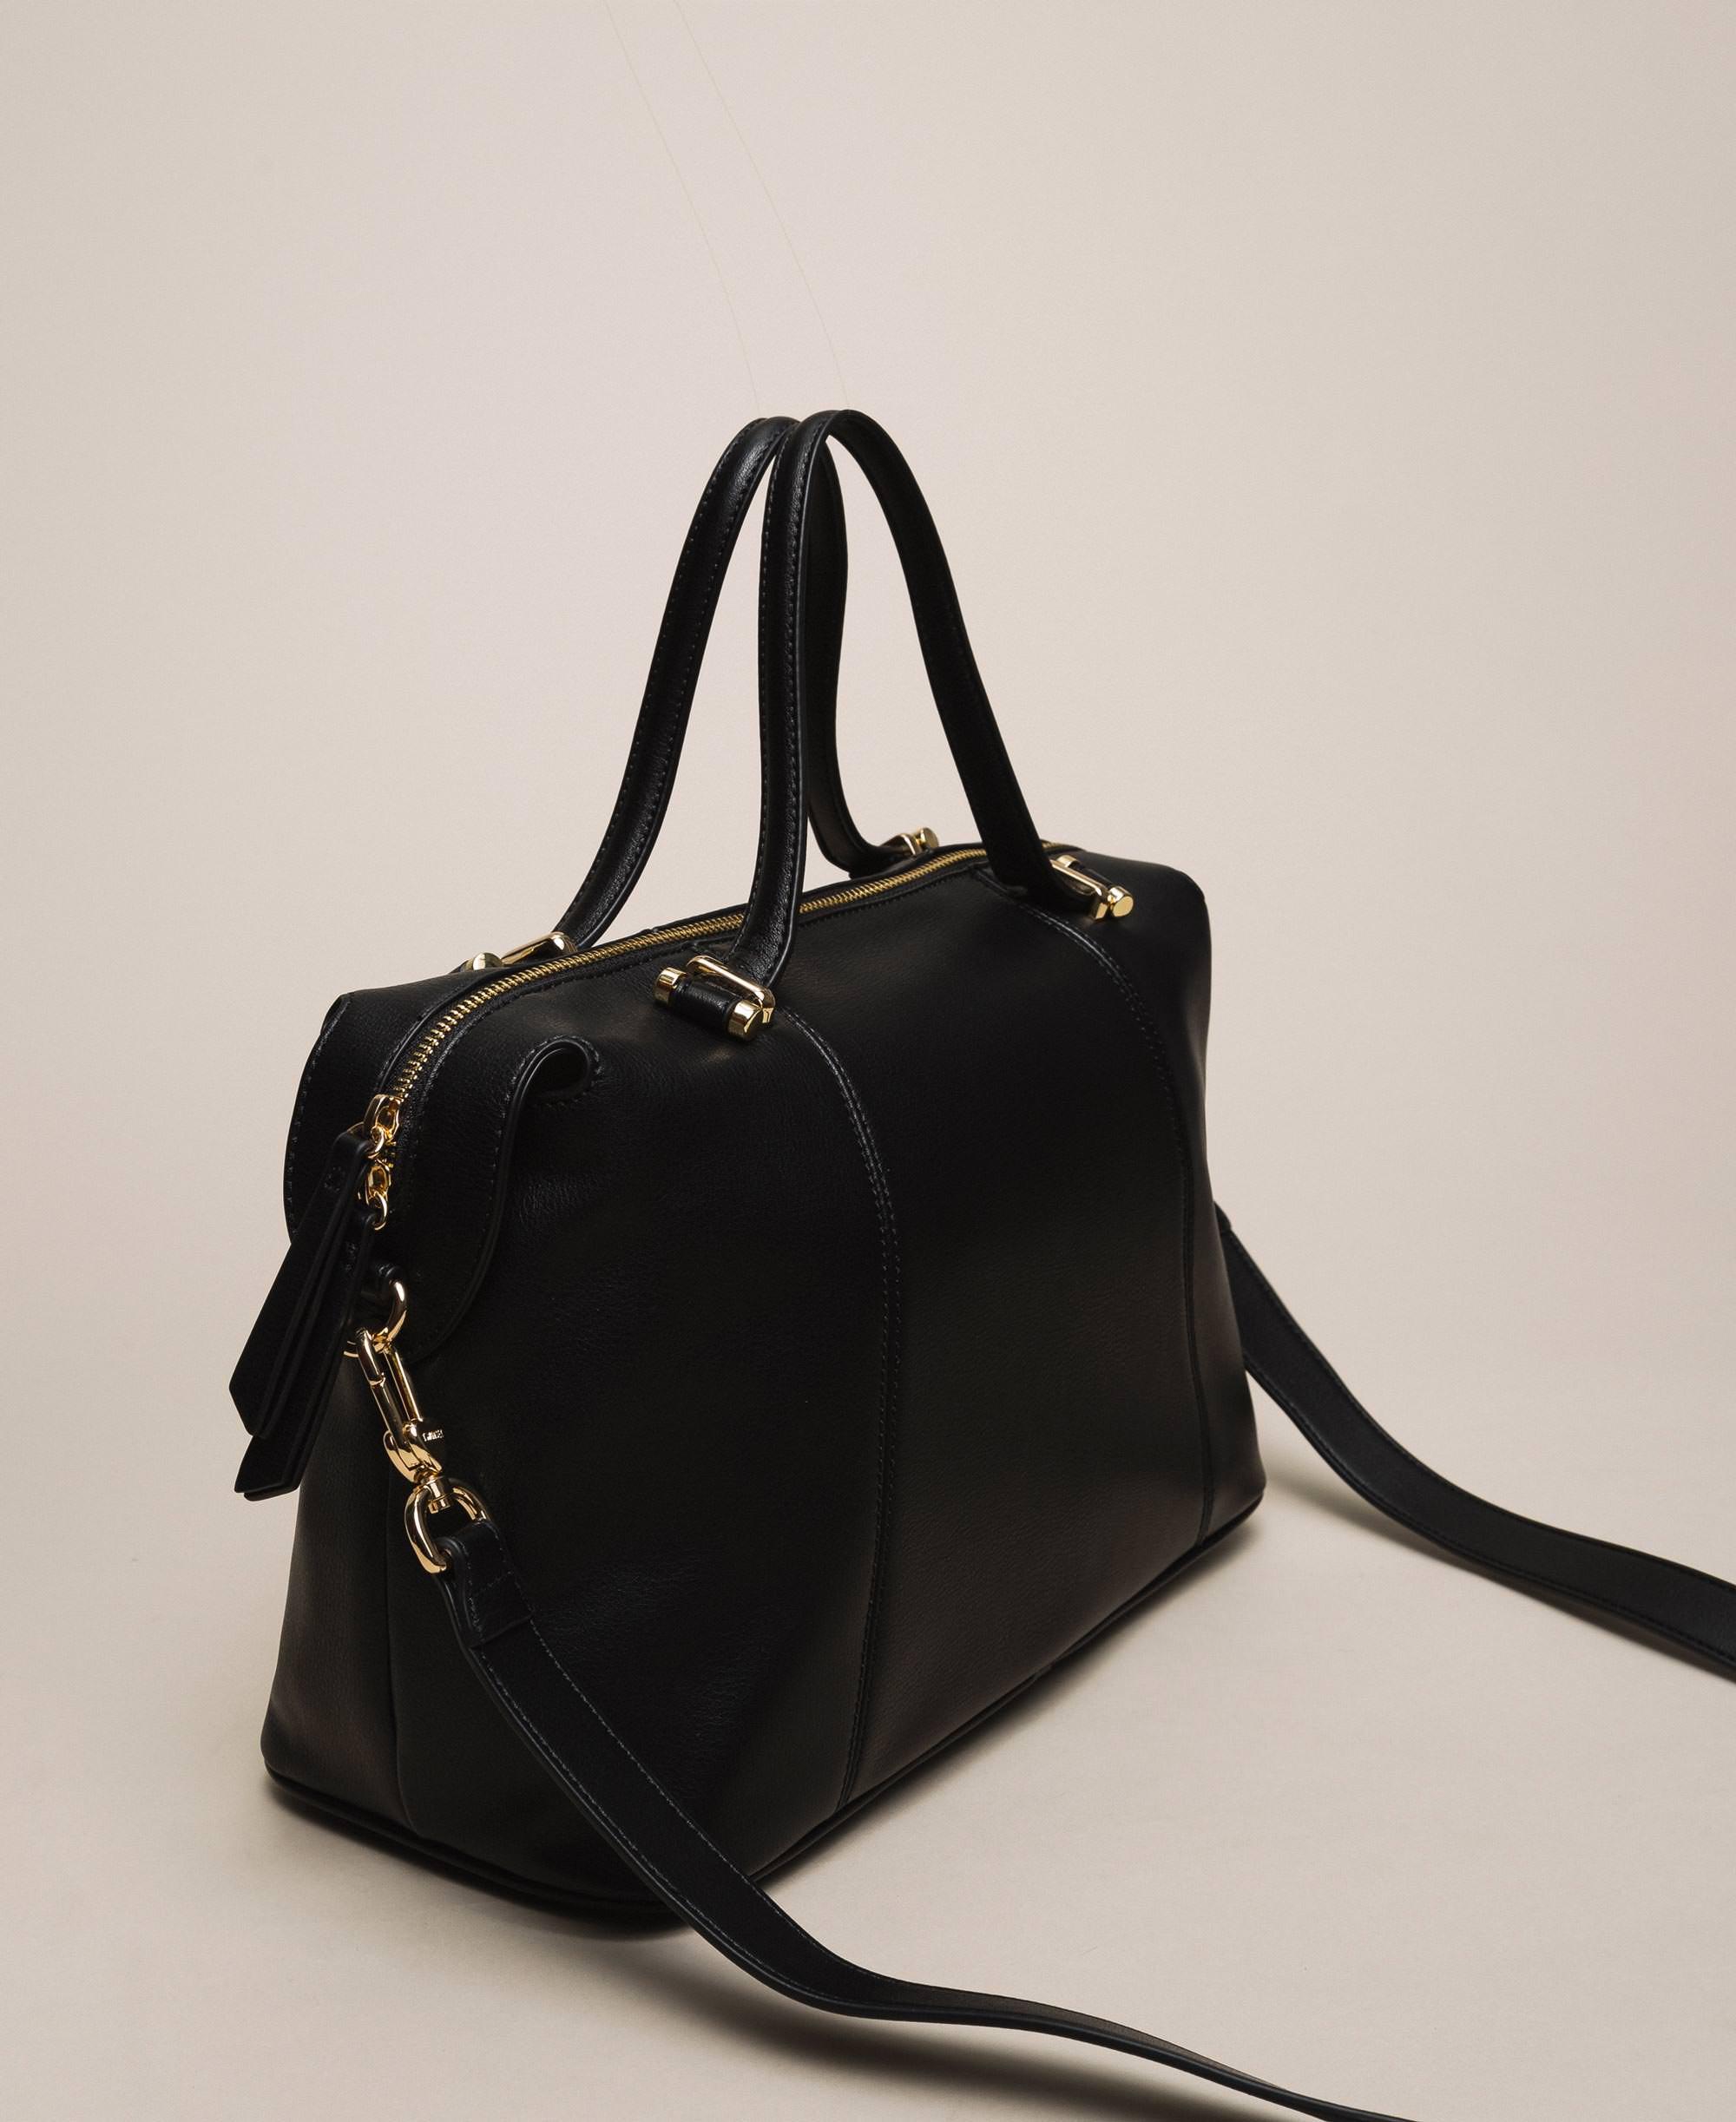 Ladies Girls PU Leather Handbag Shoulder Bag Two Colour Contrast Bag